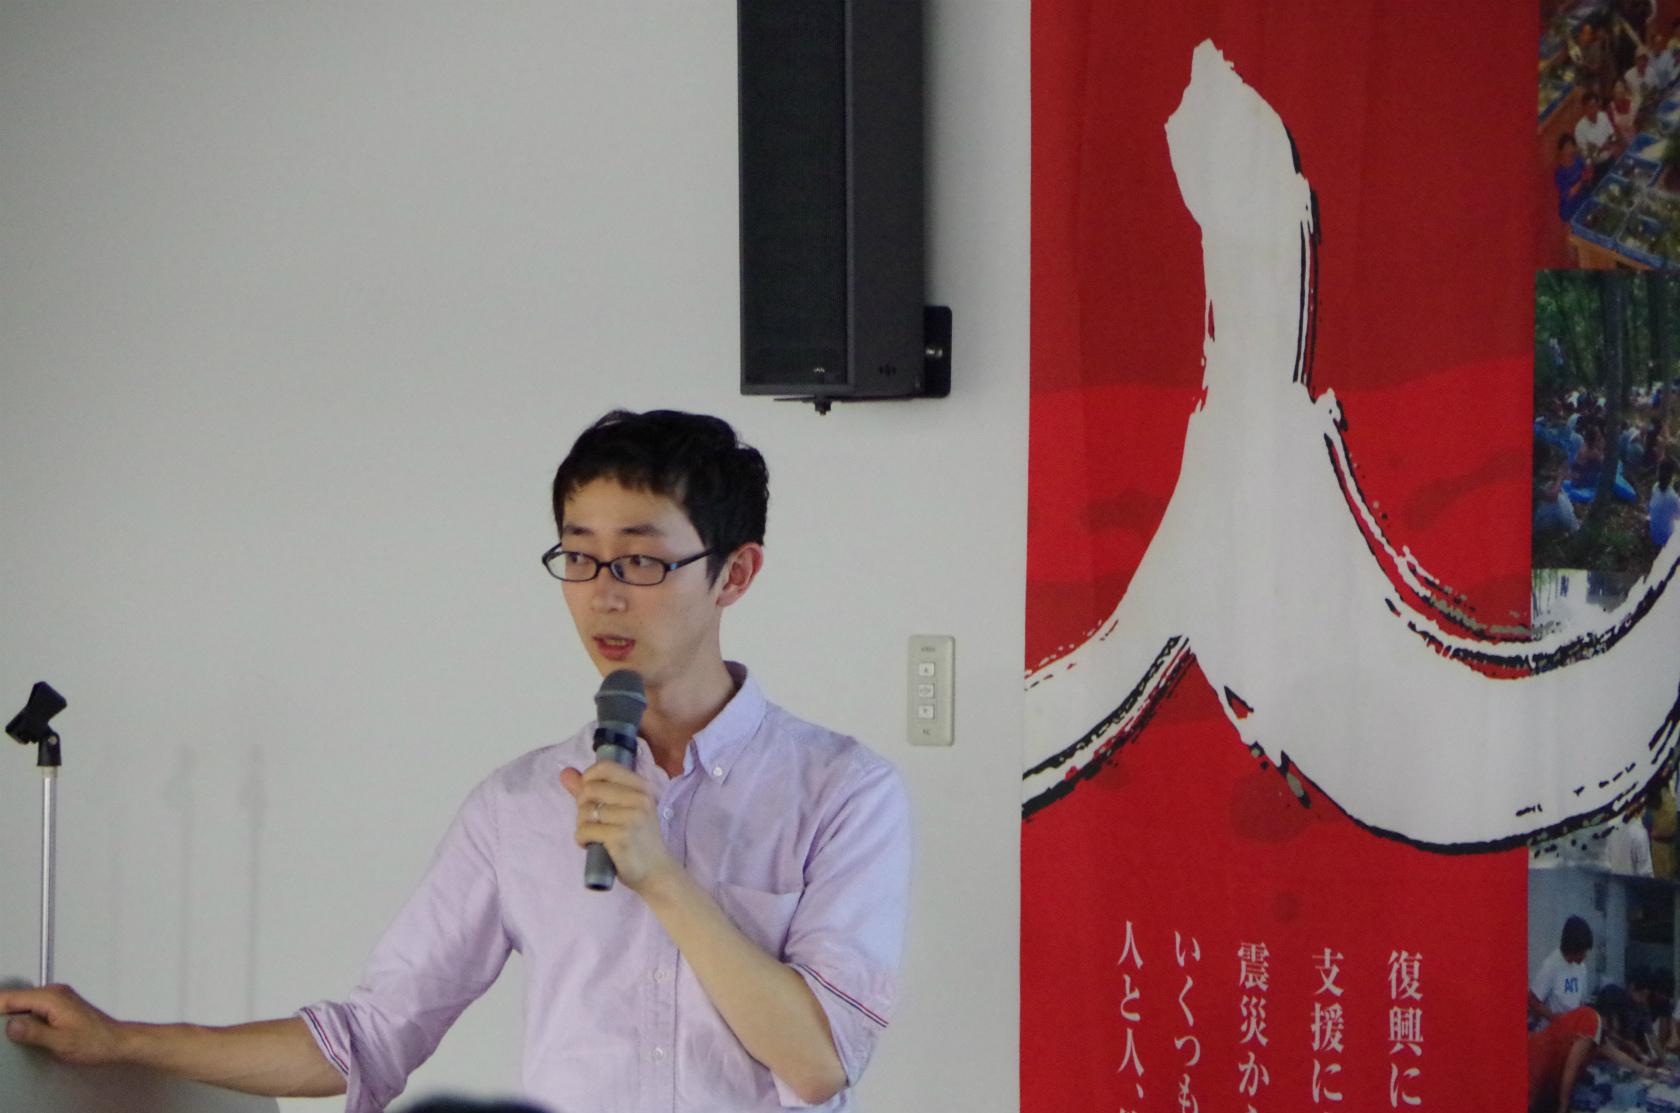 イケダハヤト氏 新潟・長岡市に立つ!「地域魅力 × 情報発信」in長岡